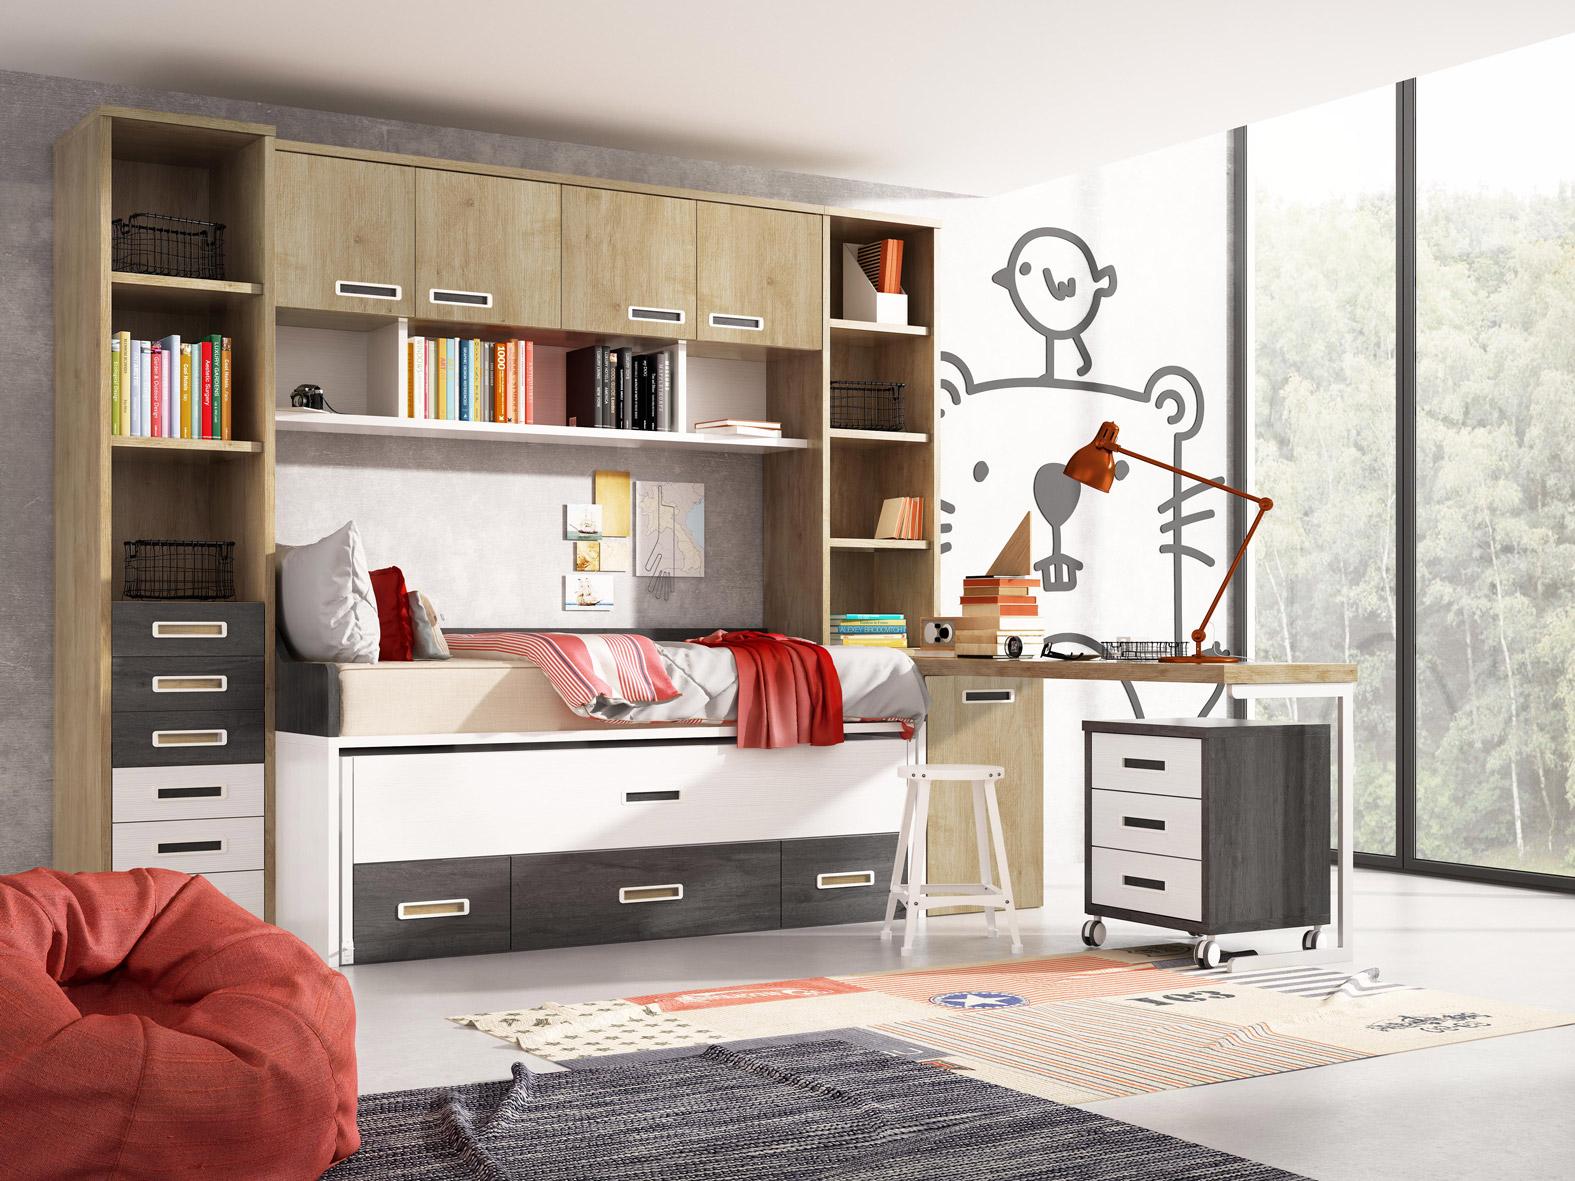 Dormitorio Juvenil Calabria. Dormitorio Juvenil con Puente. Muebles Díaz